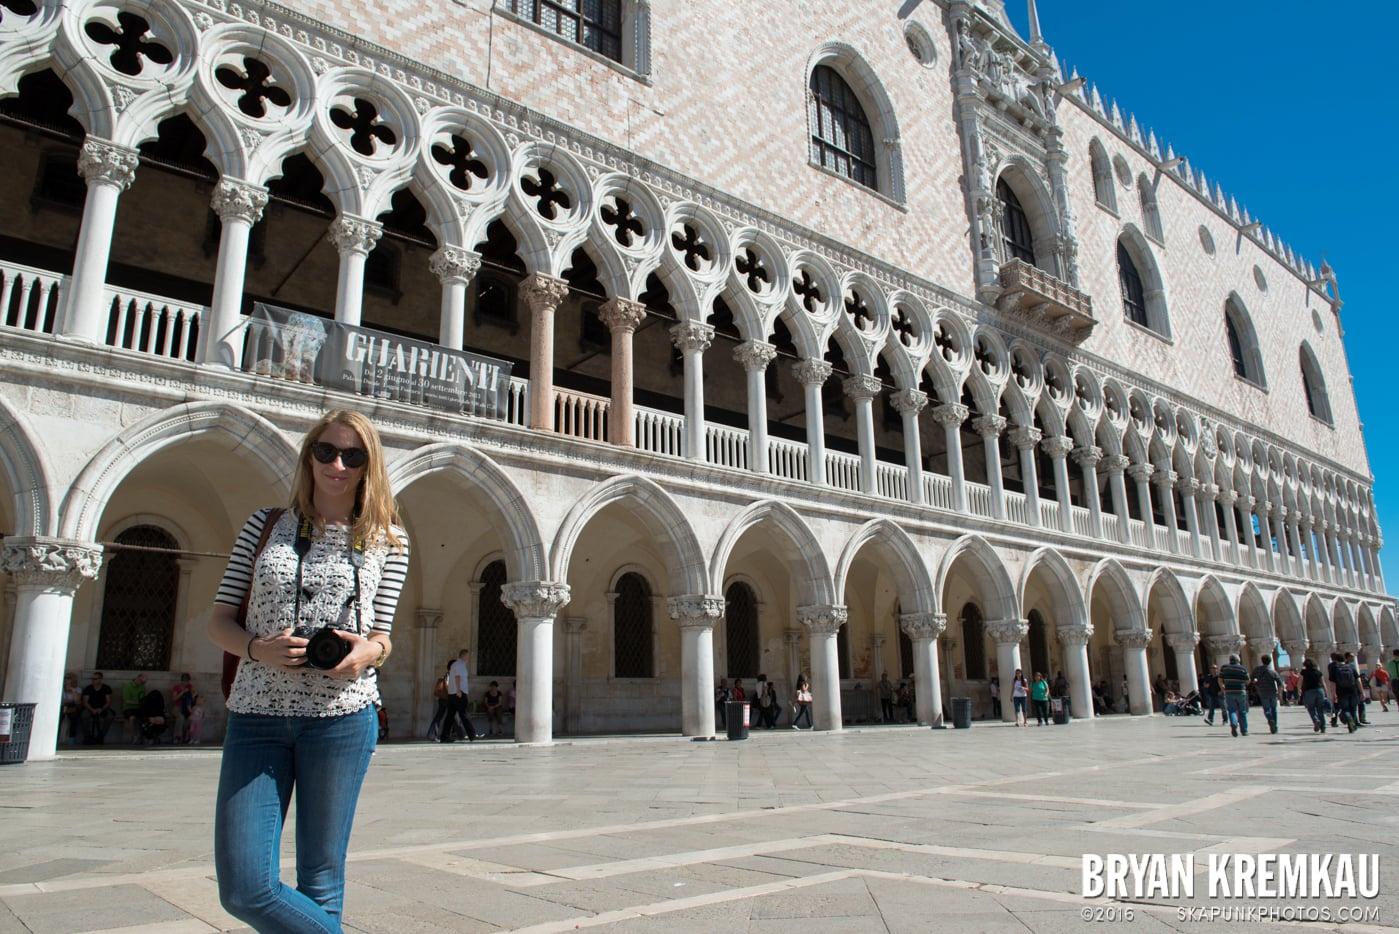 Italy Vacation - Day 4: Venice - 9.12.13 (89)